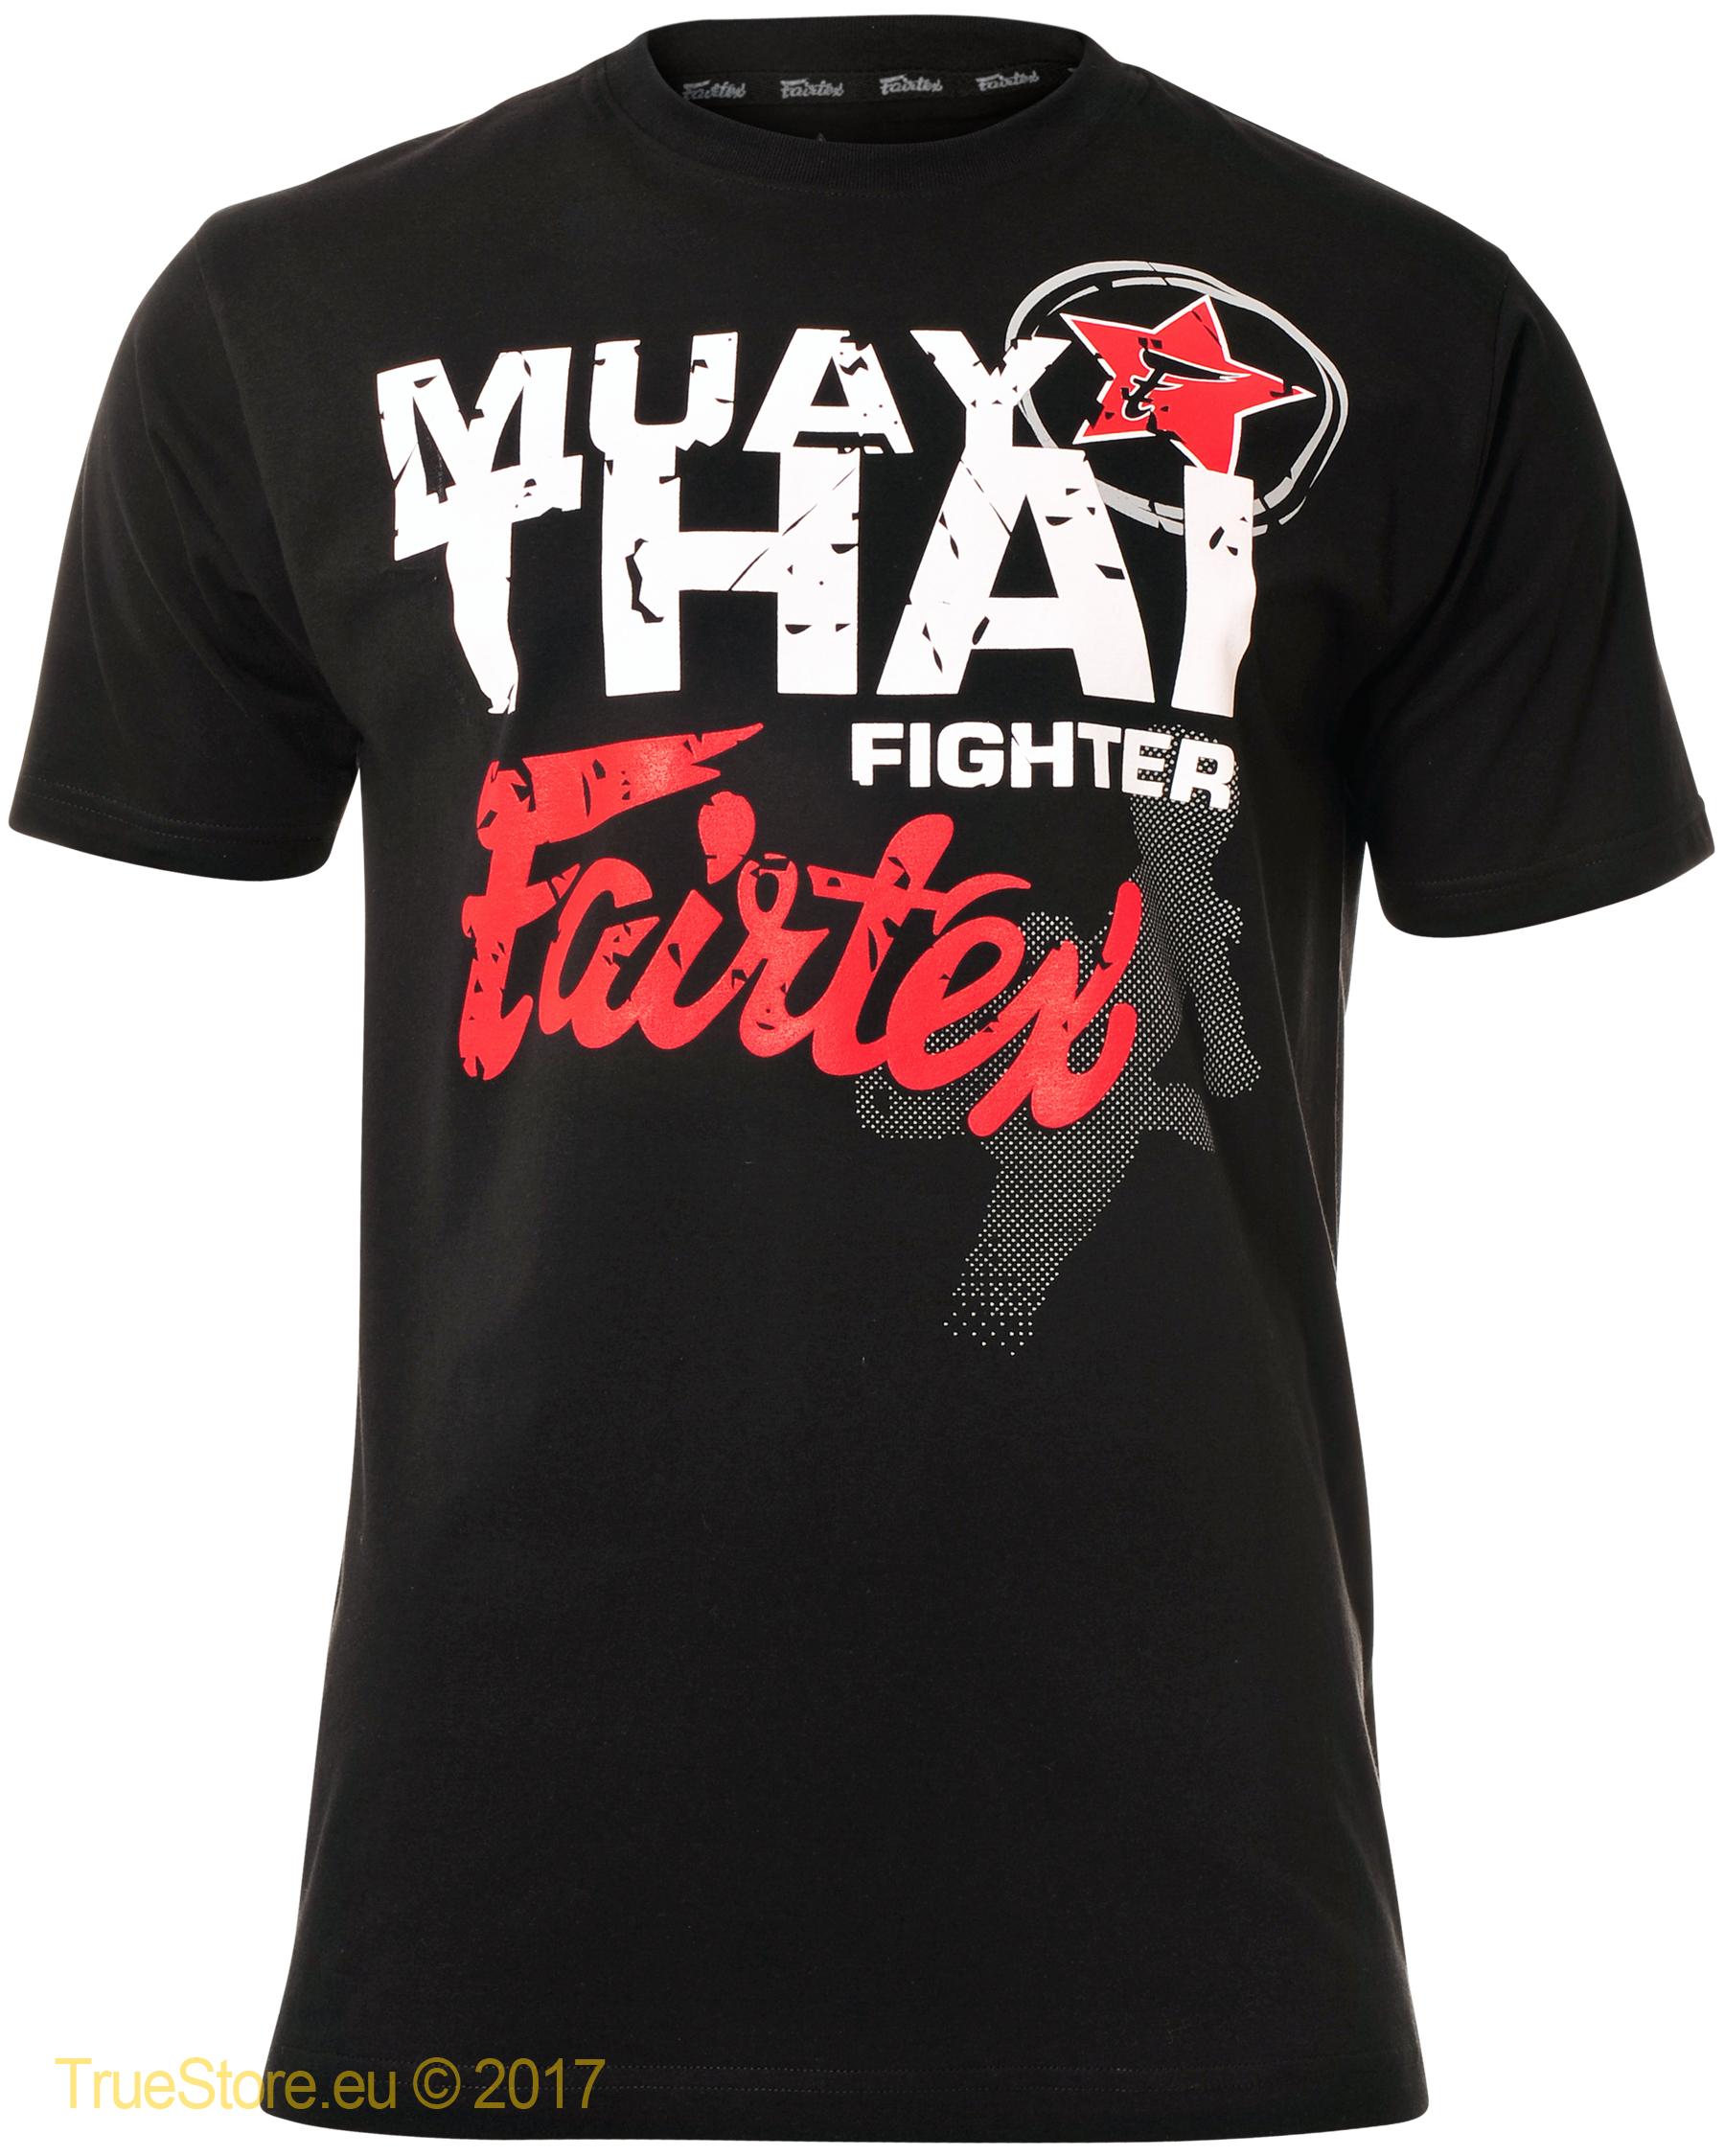 Mens T Shirt Thai Fighter Fairtex Muay Fairtex nOwm8vN0